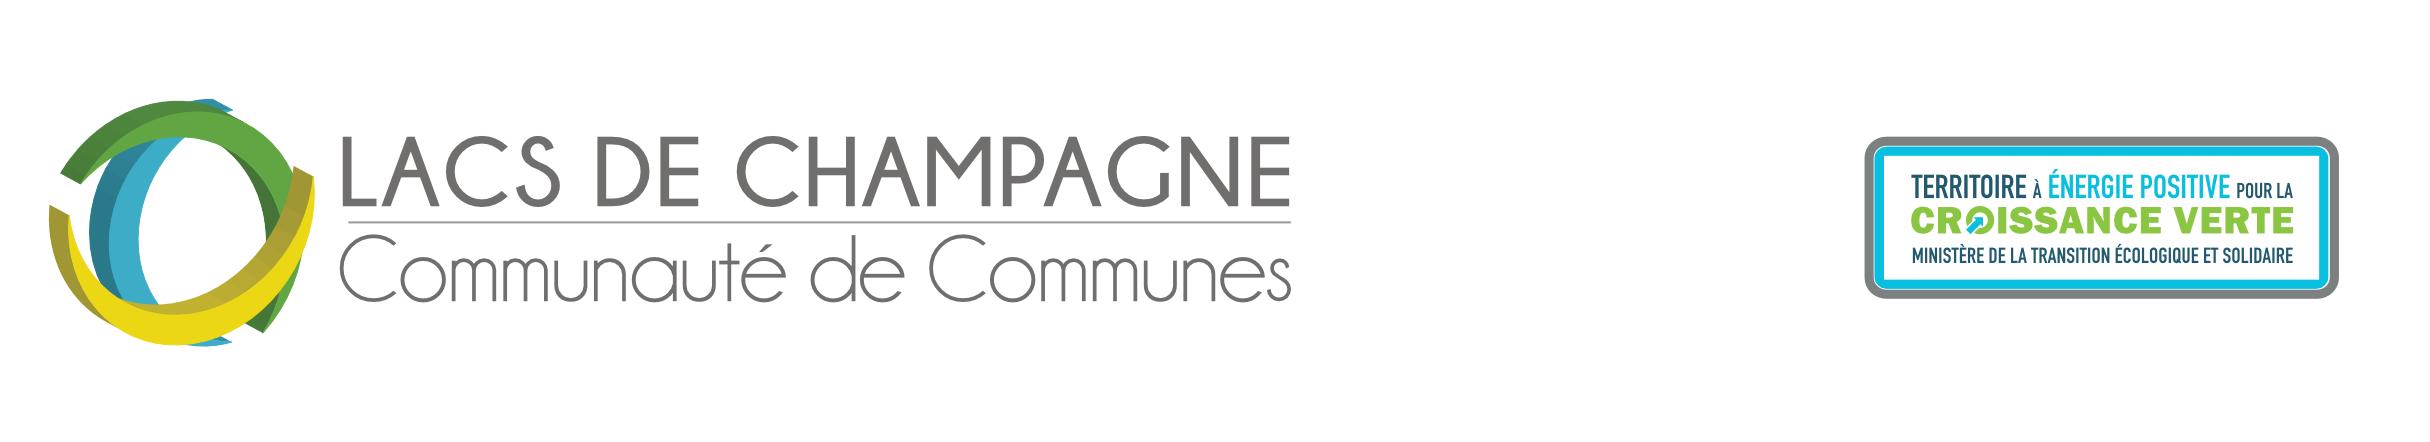 cclacsdechampagne - La Communauté de Communes des Lacs de Champagne